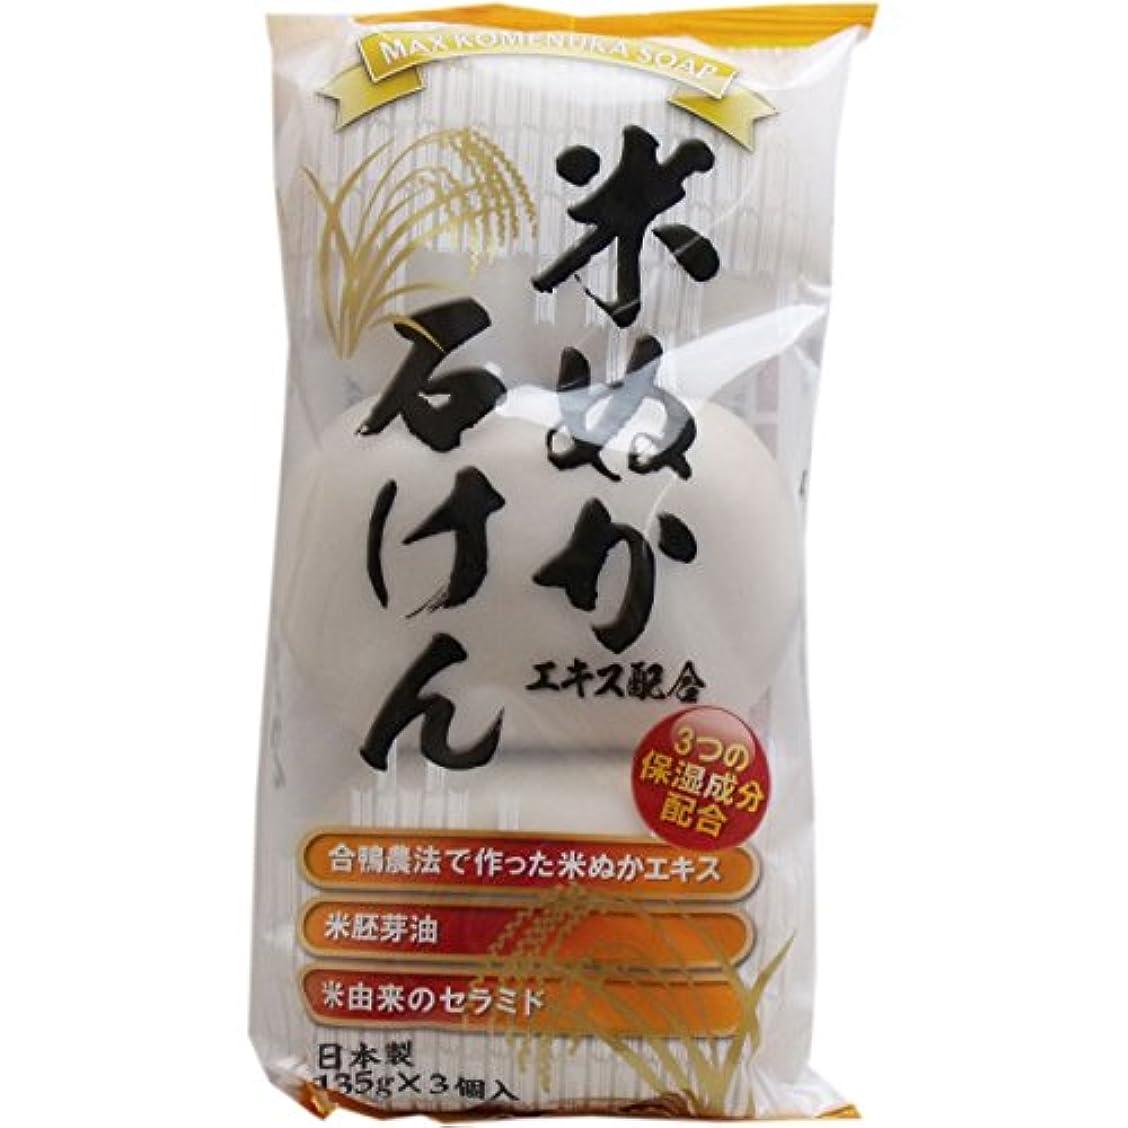 投資するよろしくタック(マックス)米ぬかエキス配合石けん 135g×3個入(お買い得3個セット)